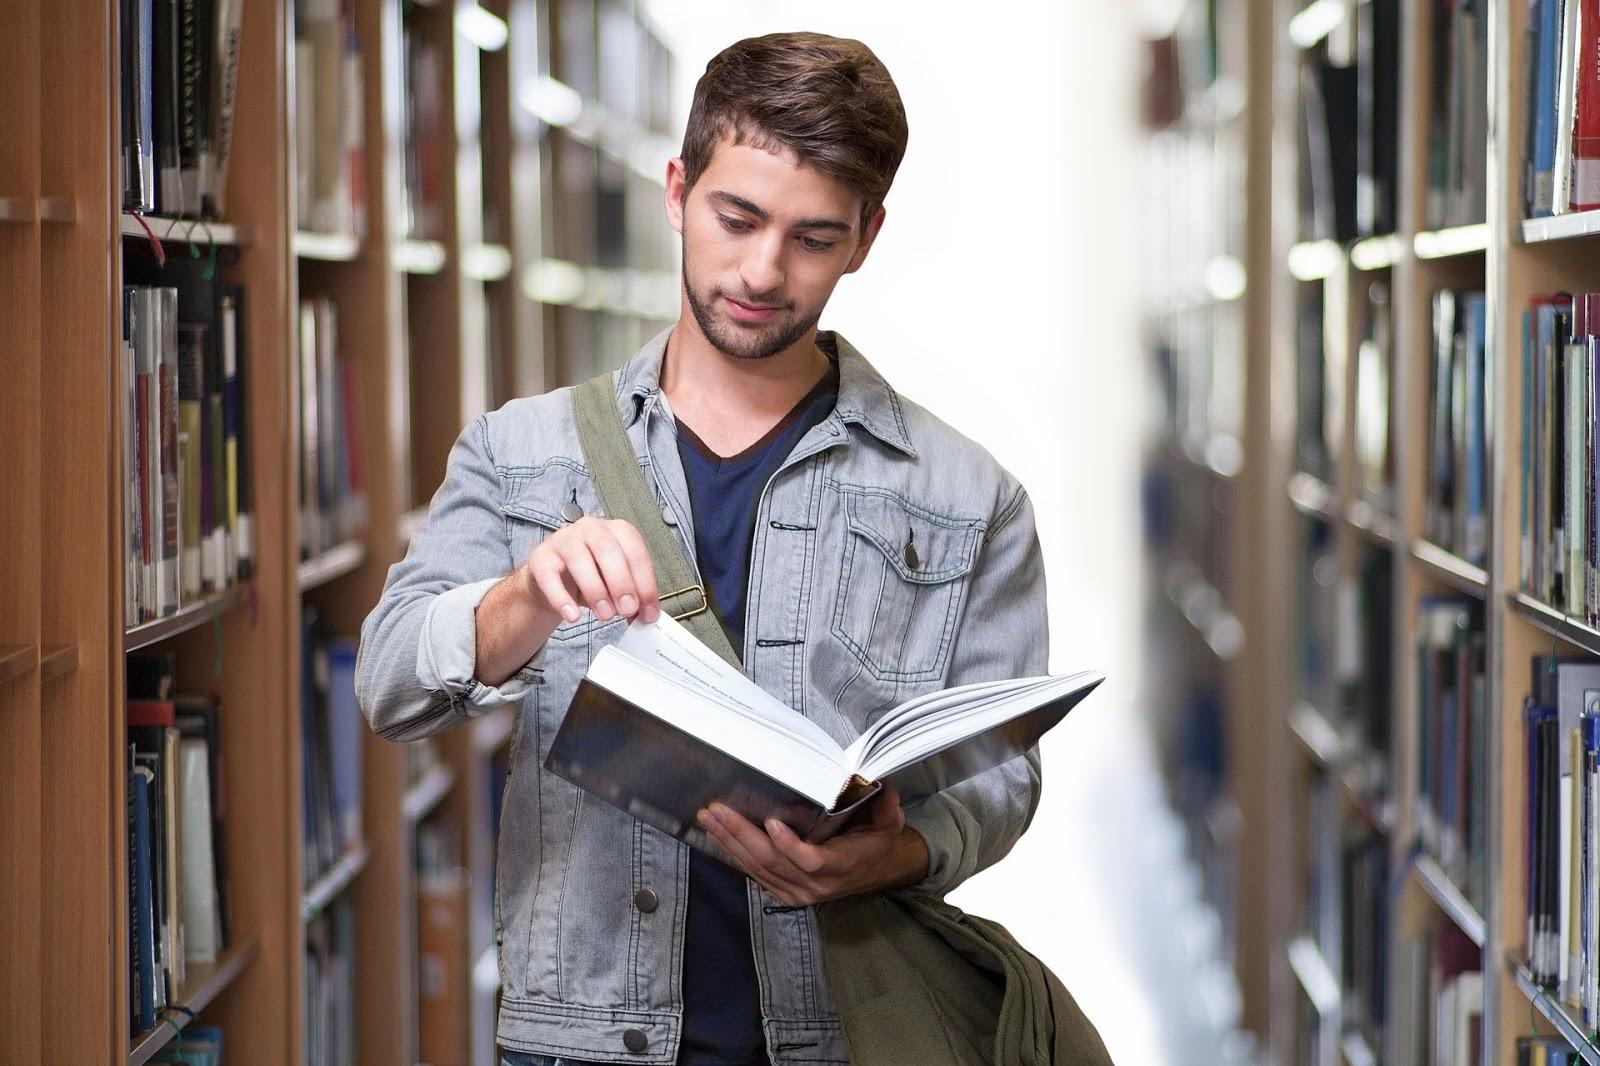 Empat Cara Belajar Bahasa Asing dengan Cepat